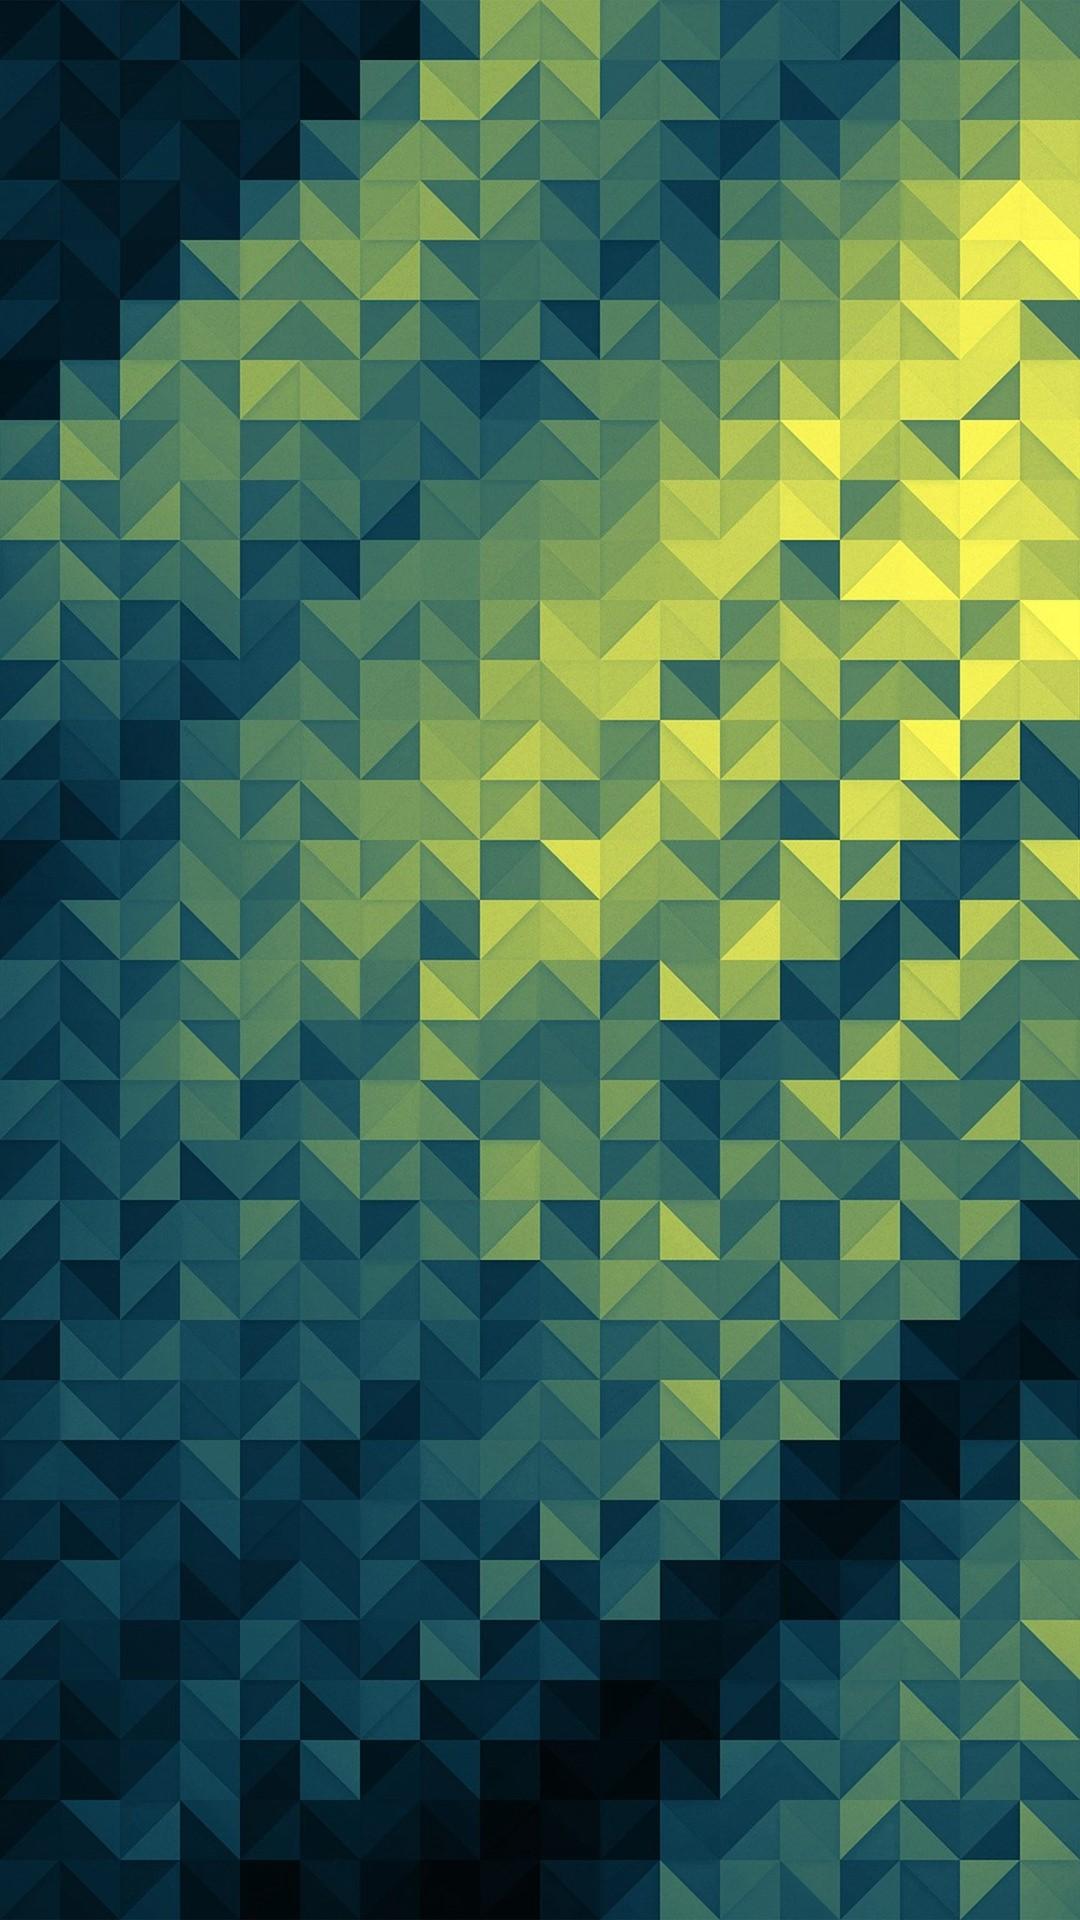 Geometric screensaver wallpaper